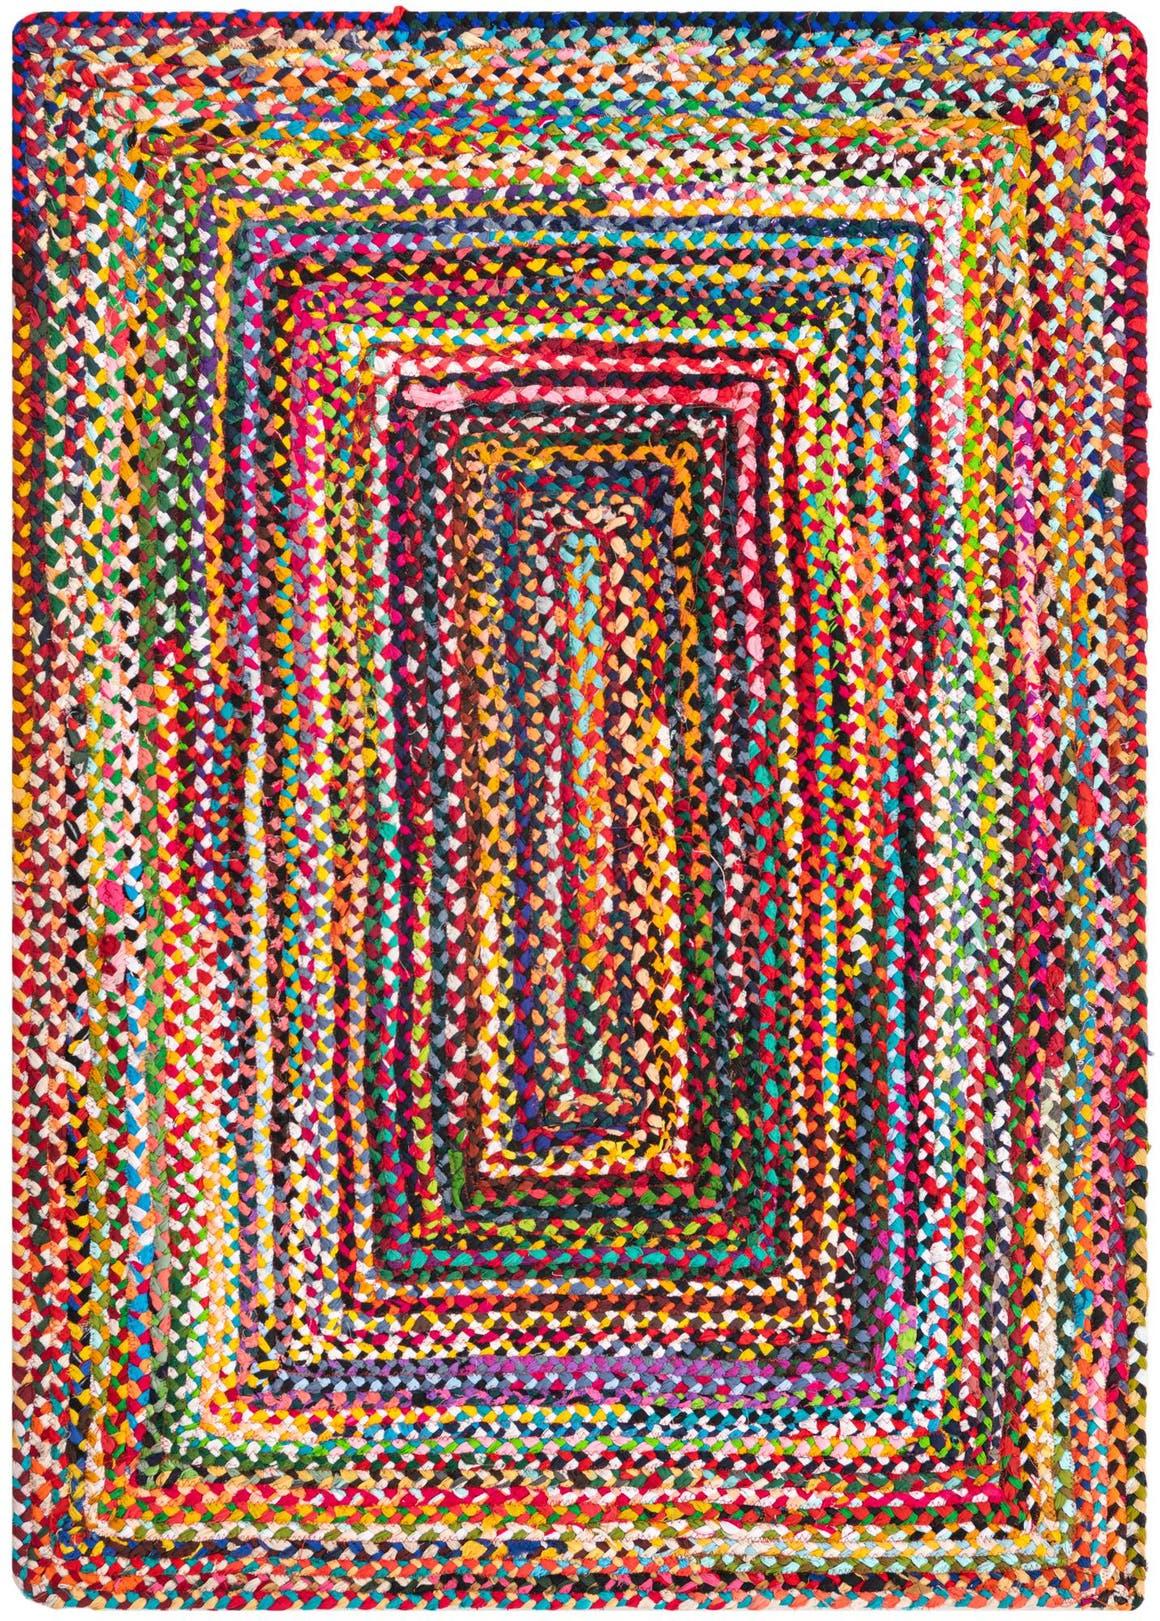 4' x 6' Braided Chindi Rug main image